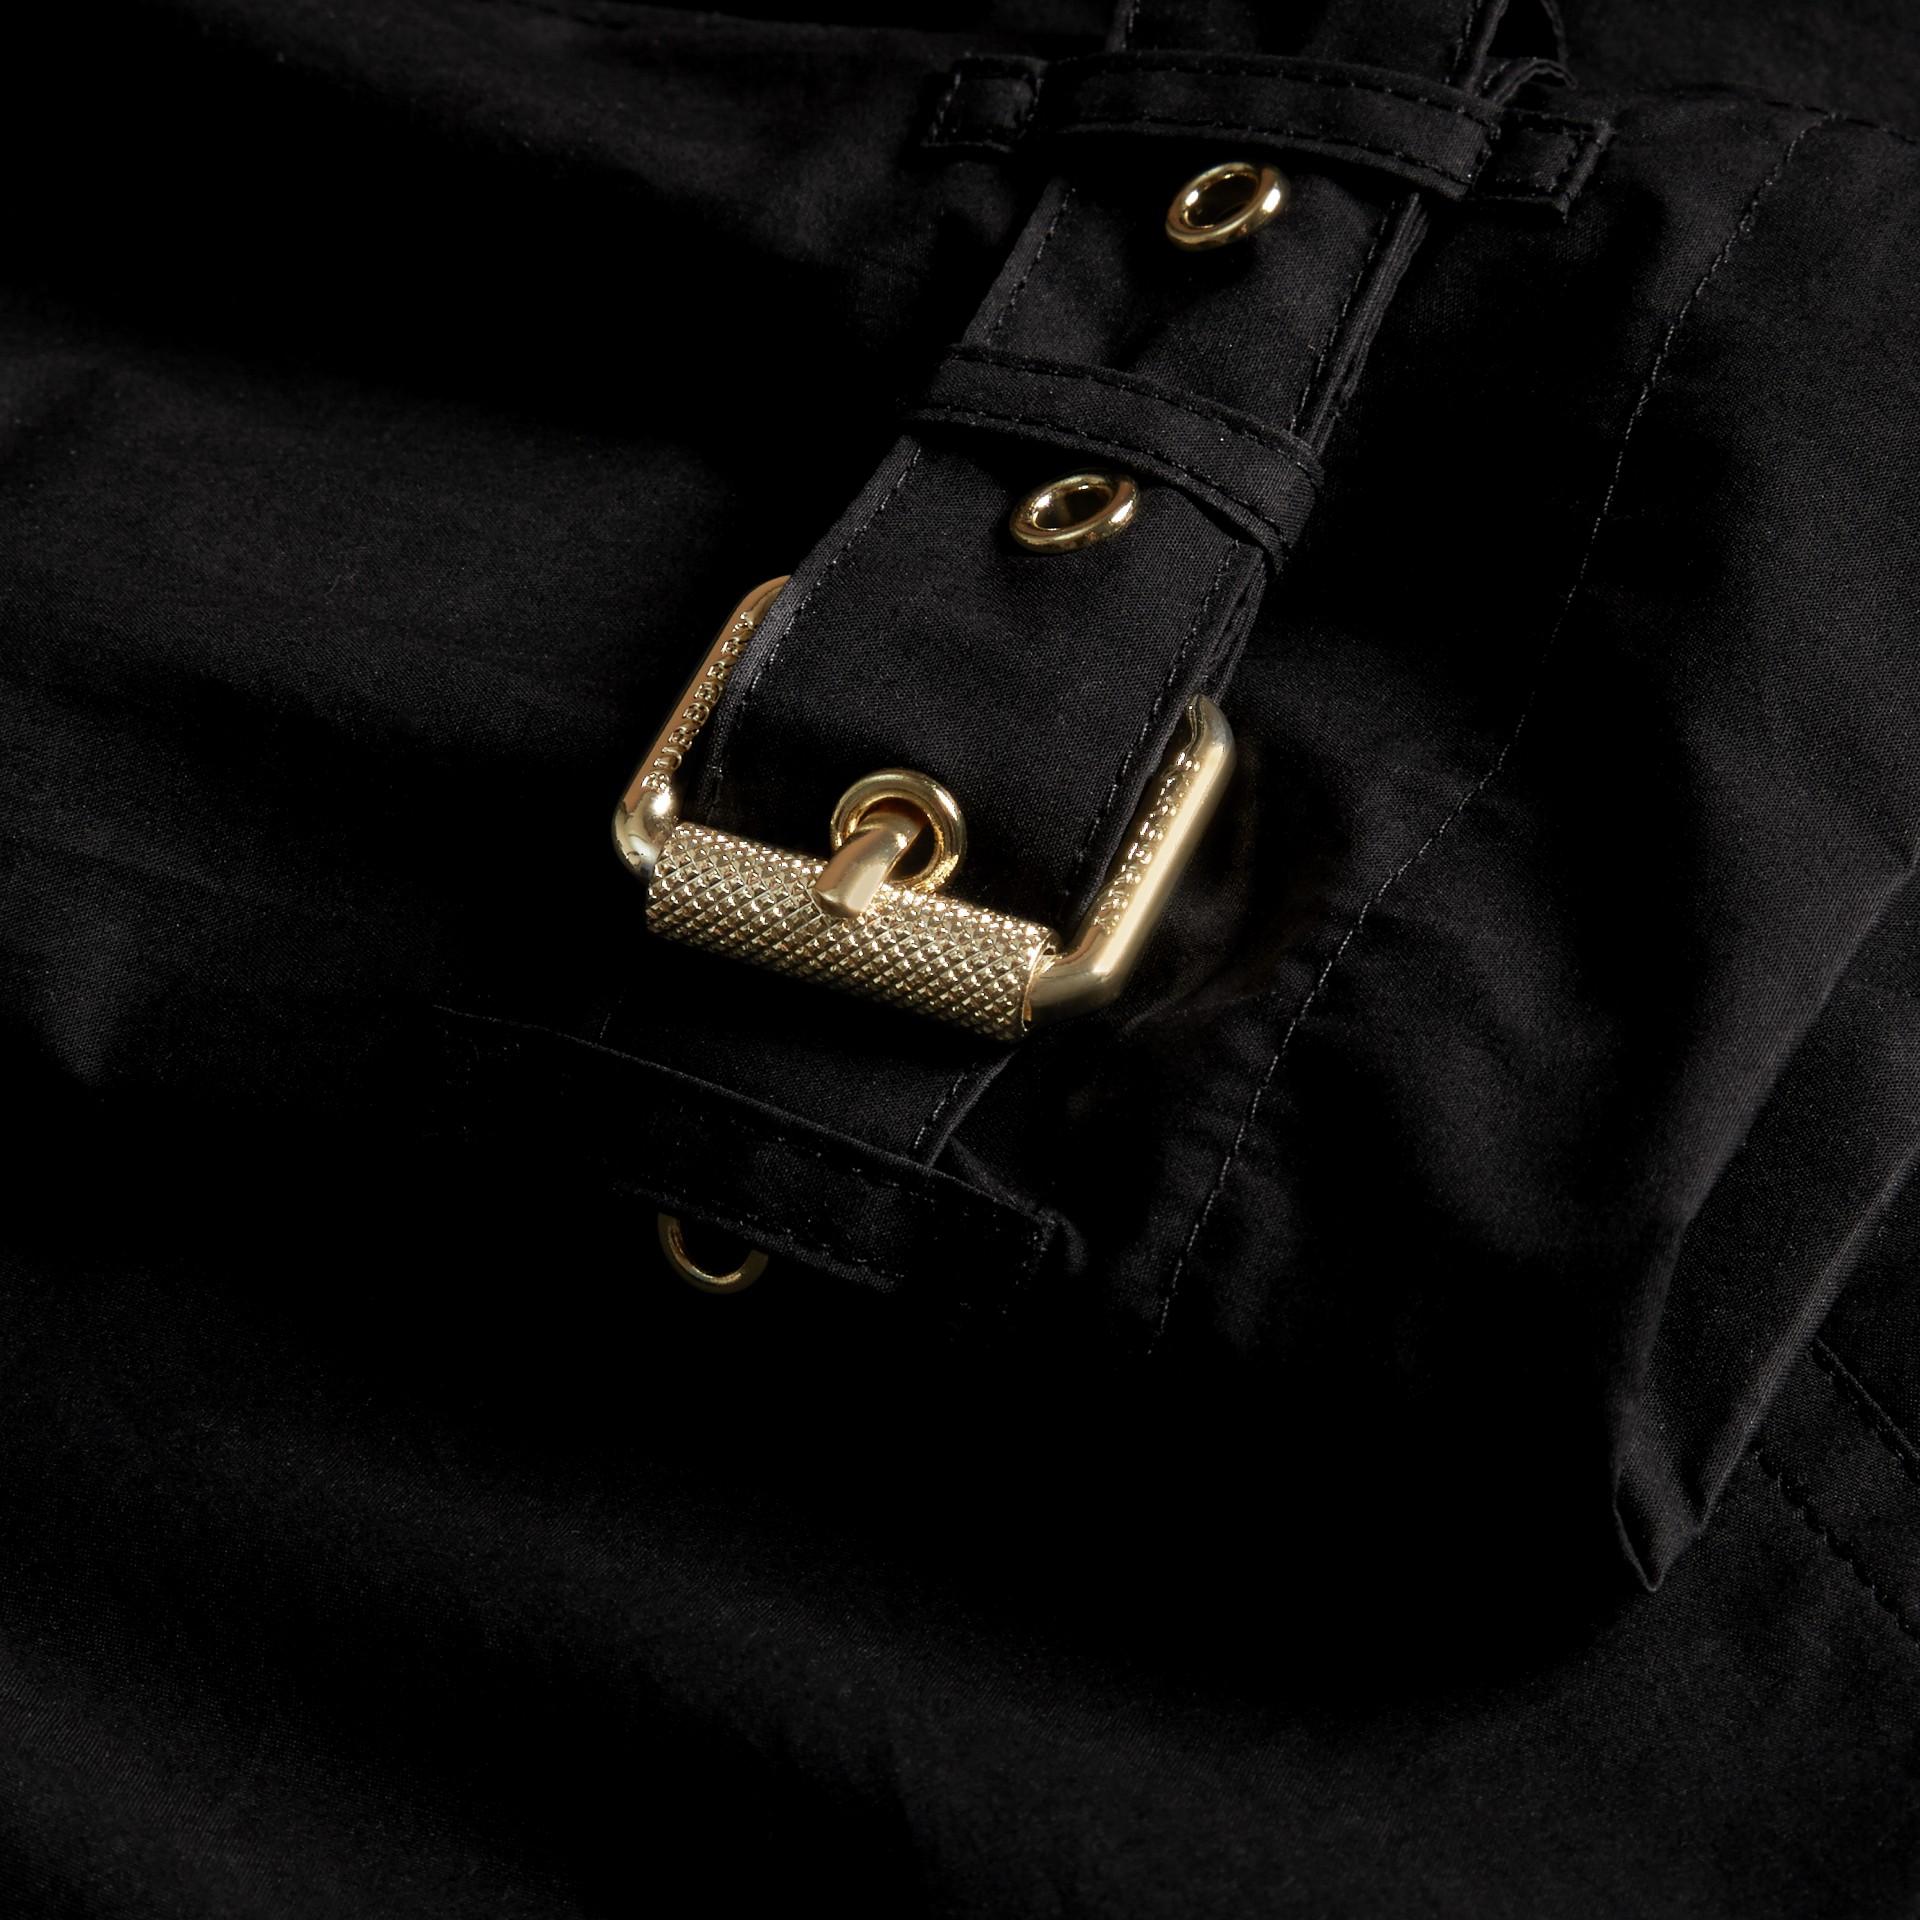 Черный Хлопчатобумажный тренч с накидкой Черный - изображение 2